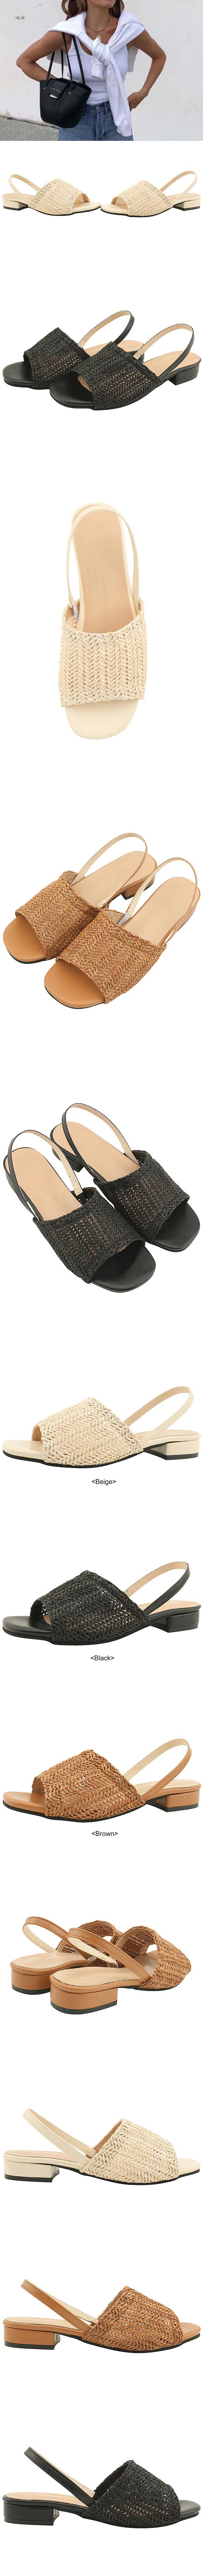 Rattan Mesh Slingback Low Heel Sandals Beige